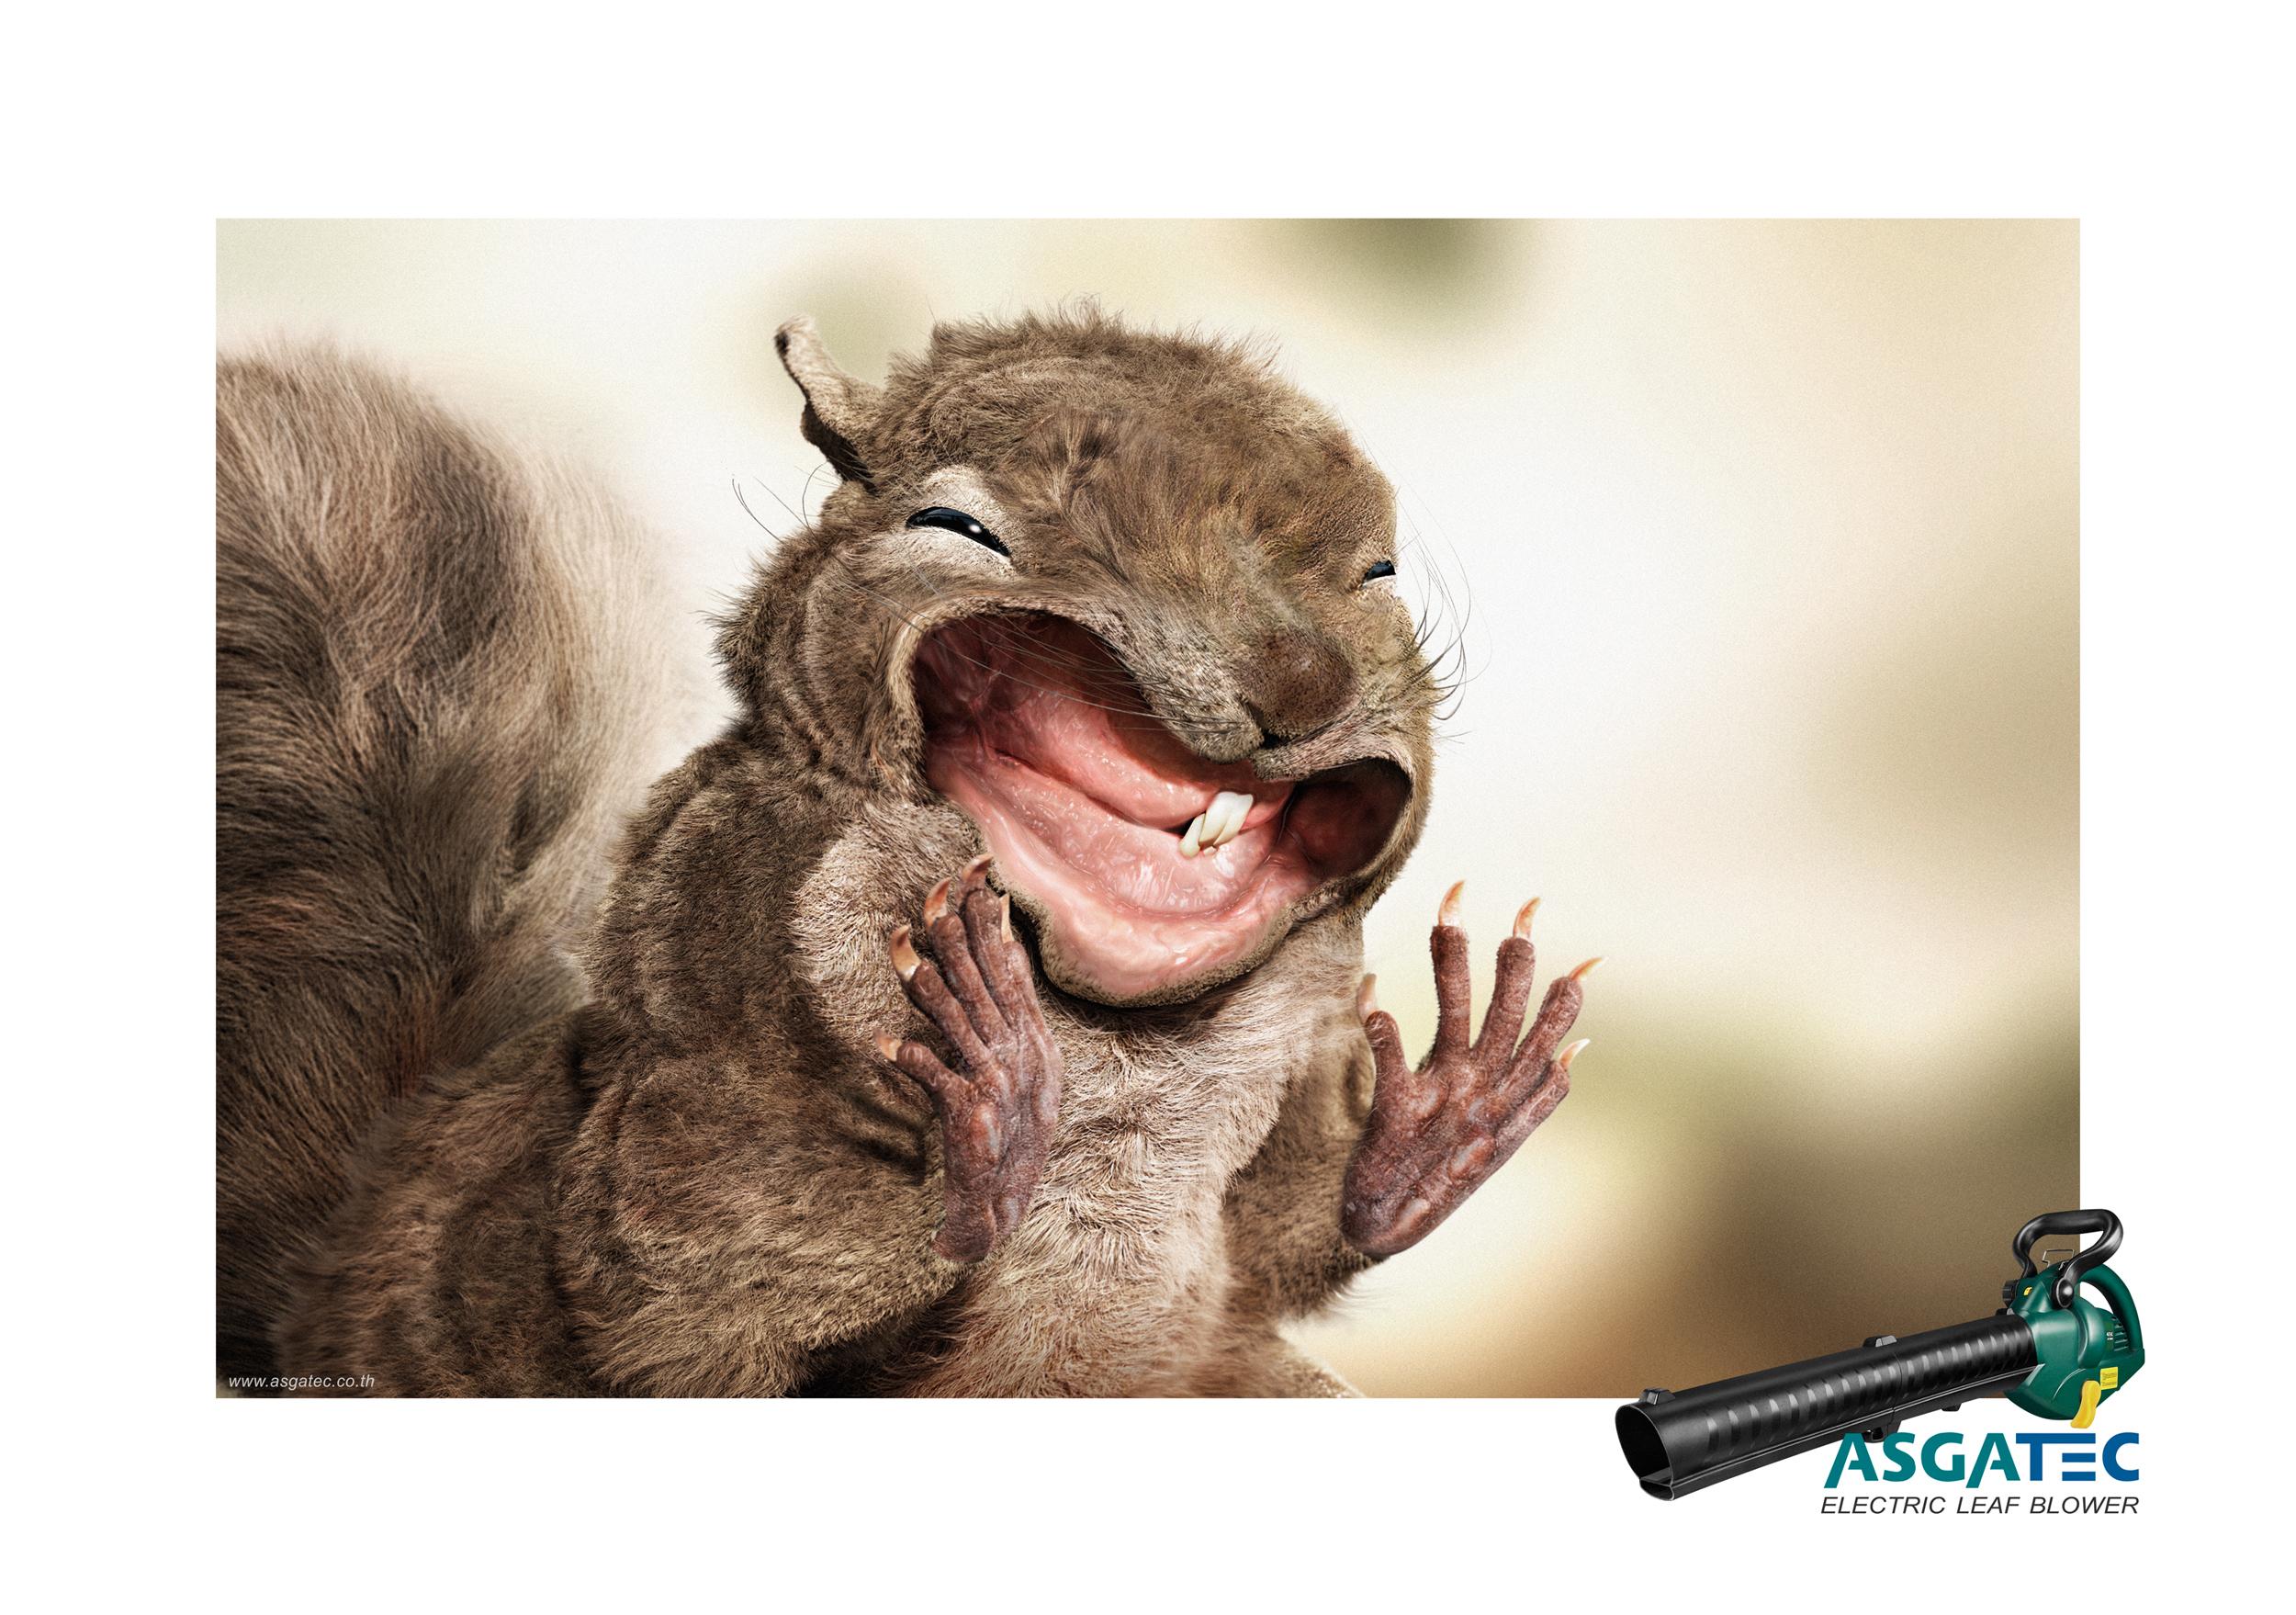 ASGATEC_Blow hard Squirrel_Step_2.jpg